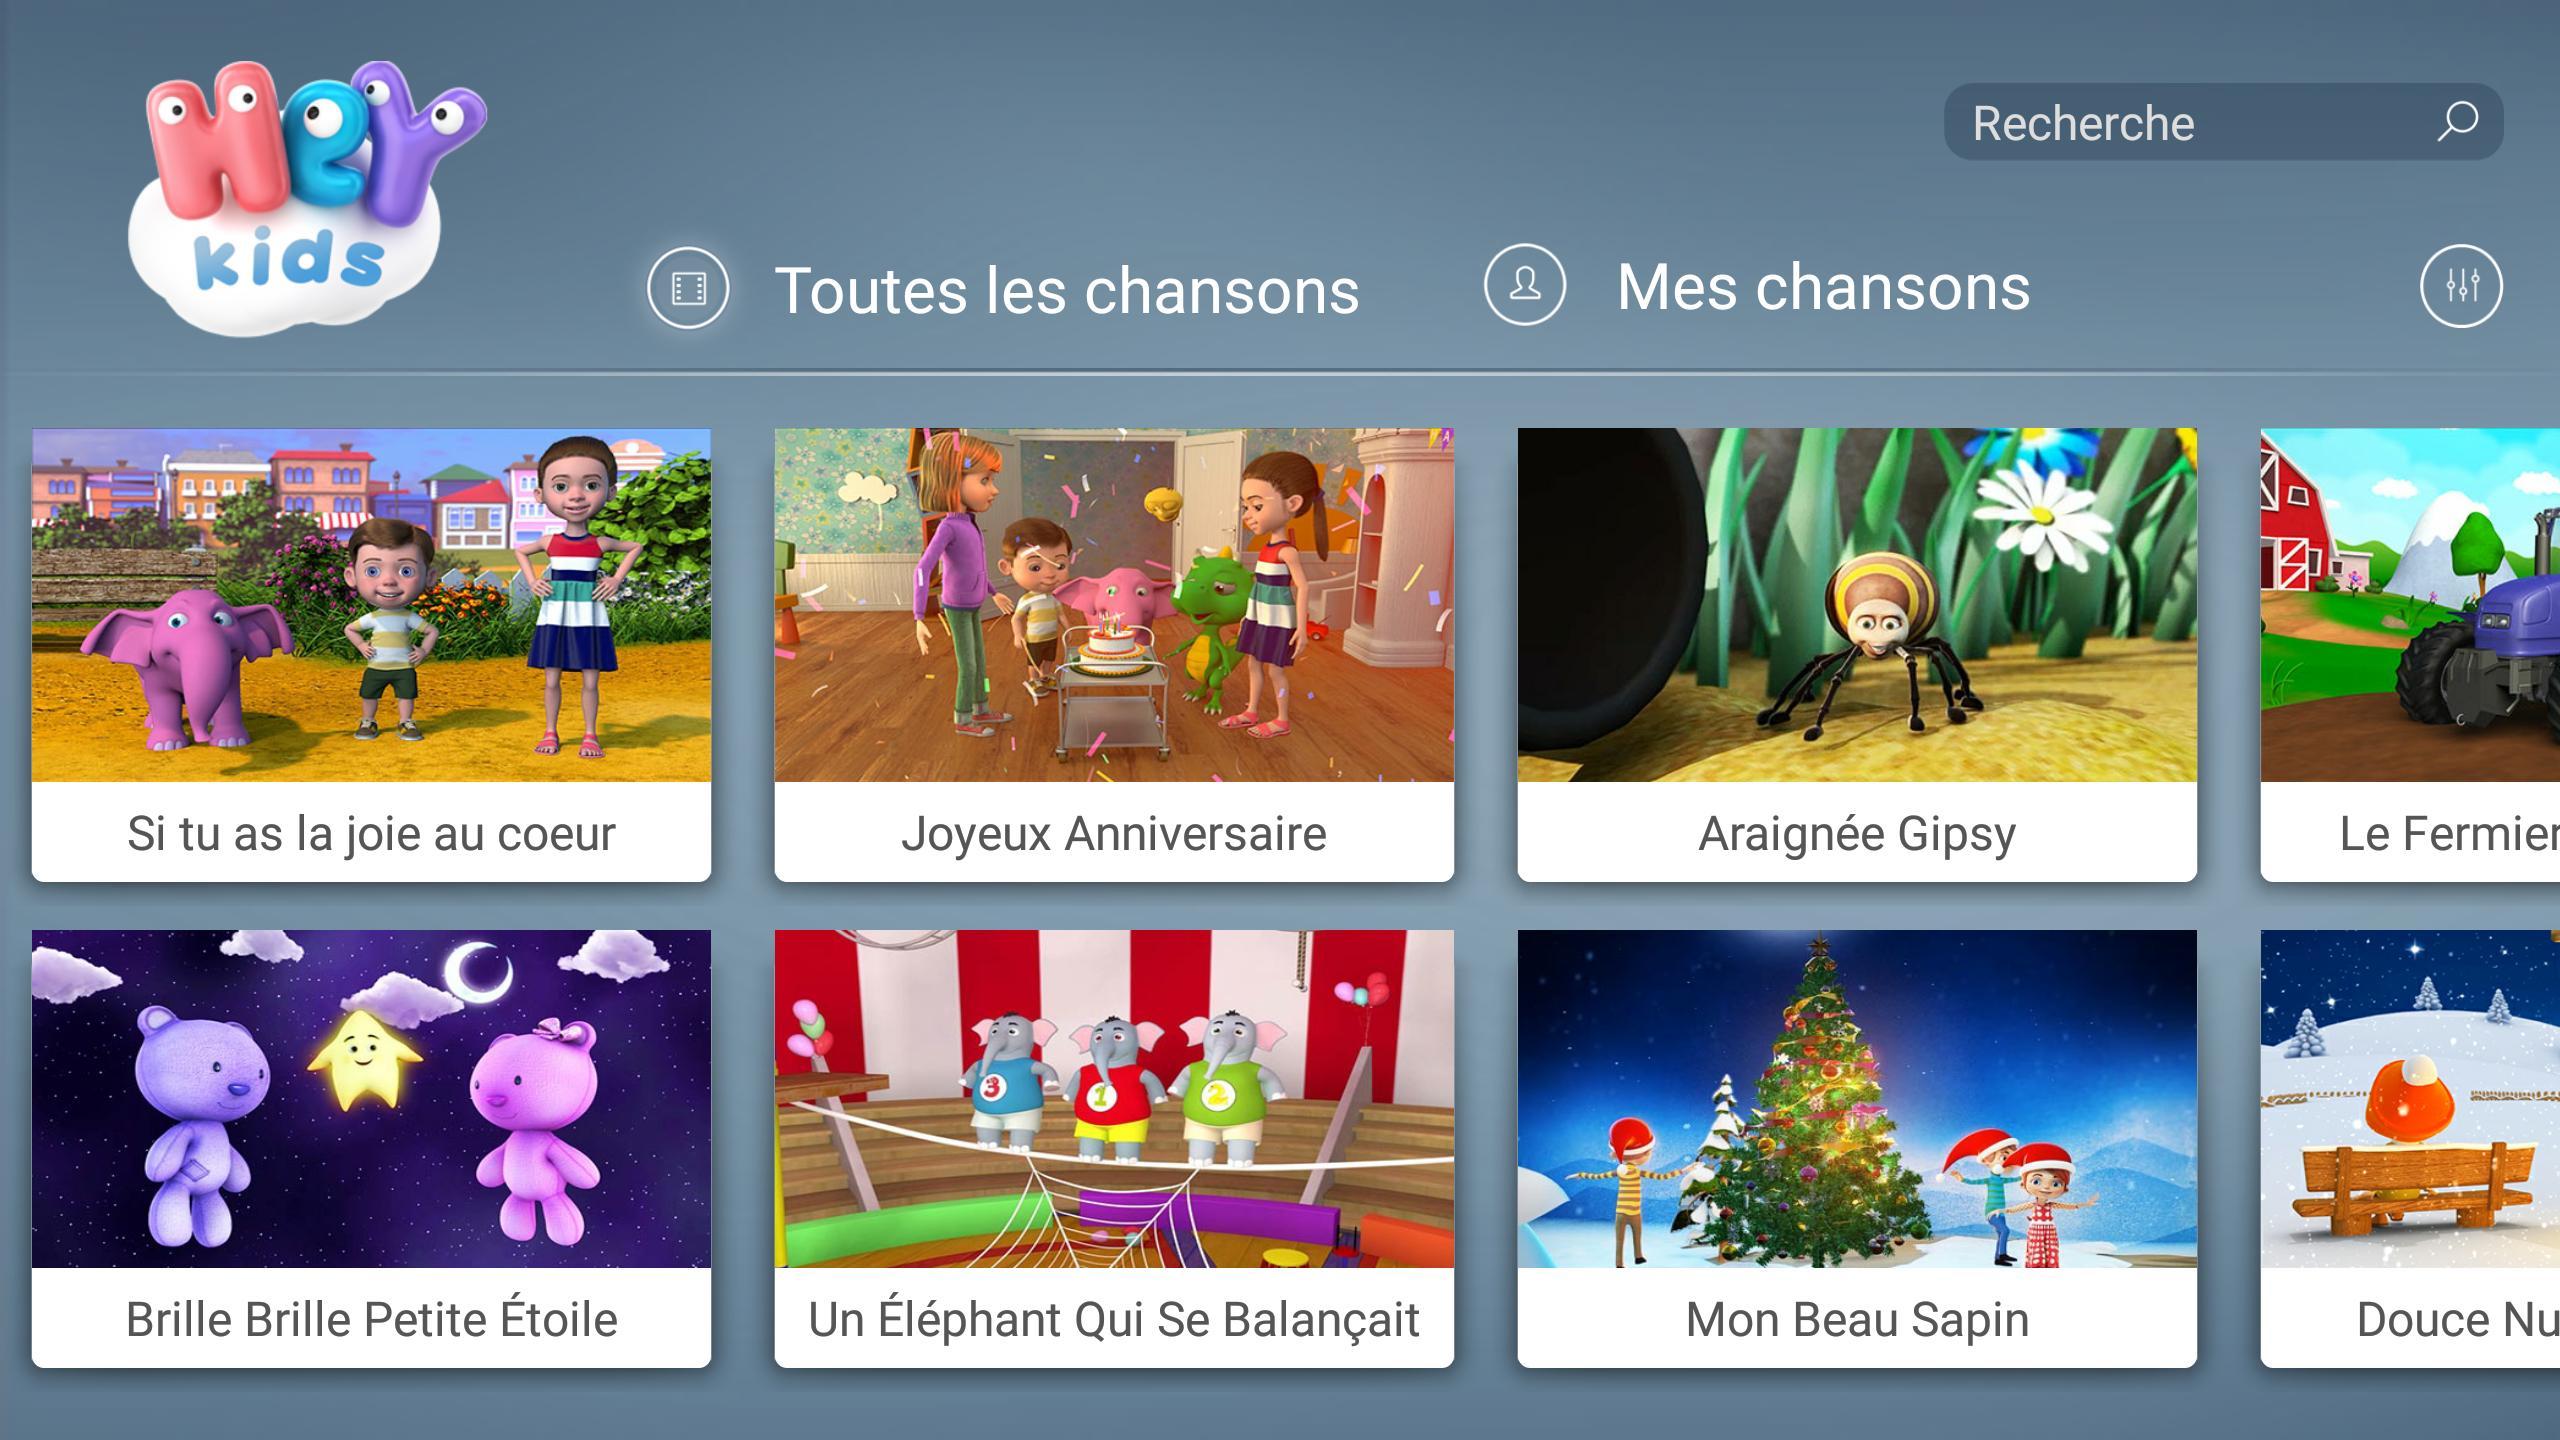 Comptines Pour Bébé - Heykids Für Android - Apk Herunterladen dedans Chanson Pour Bebe 1 An